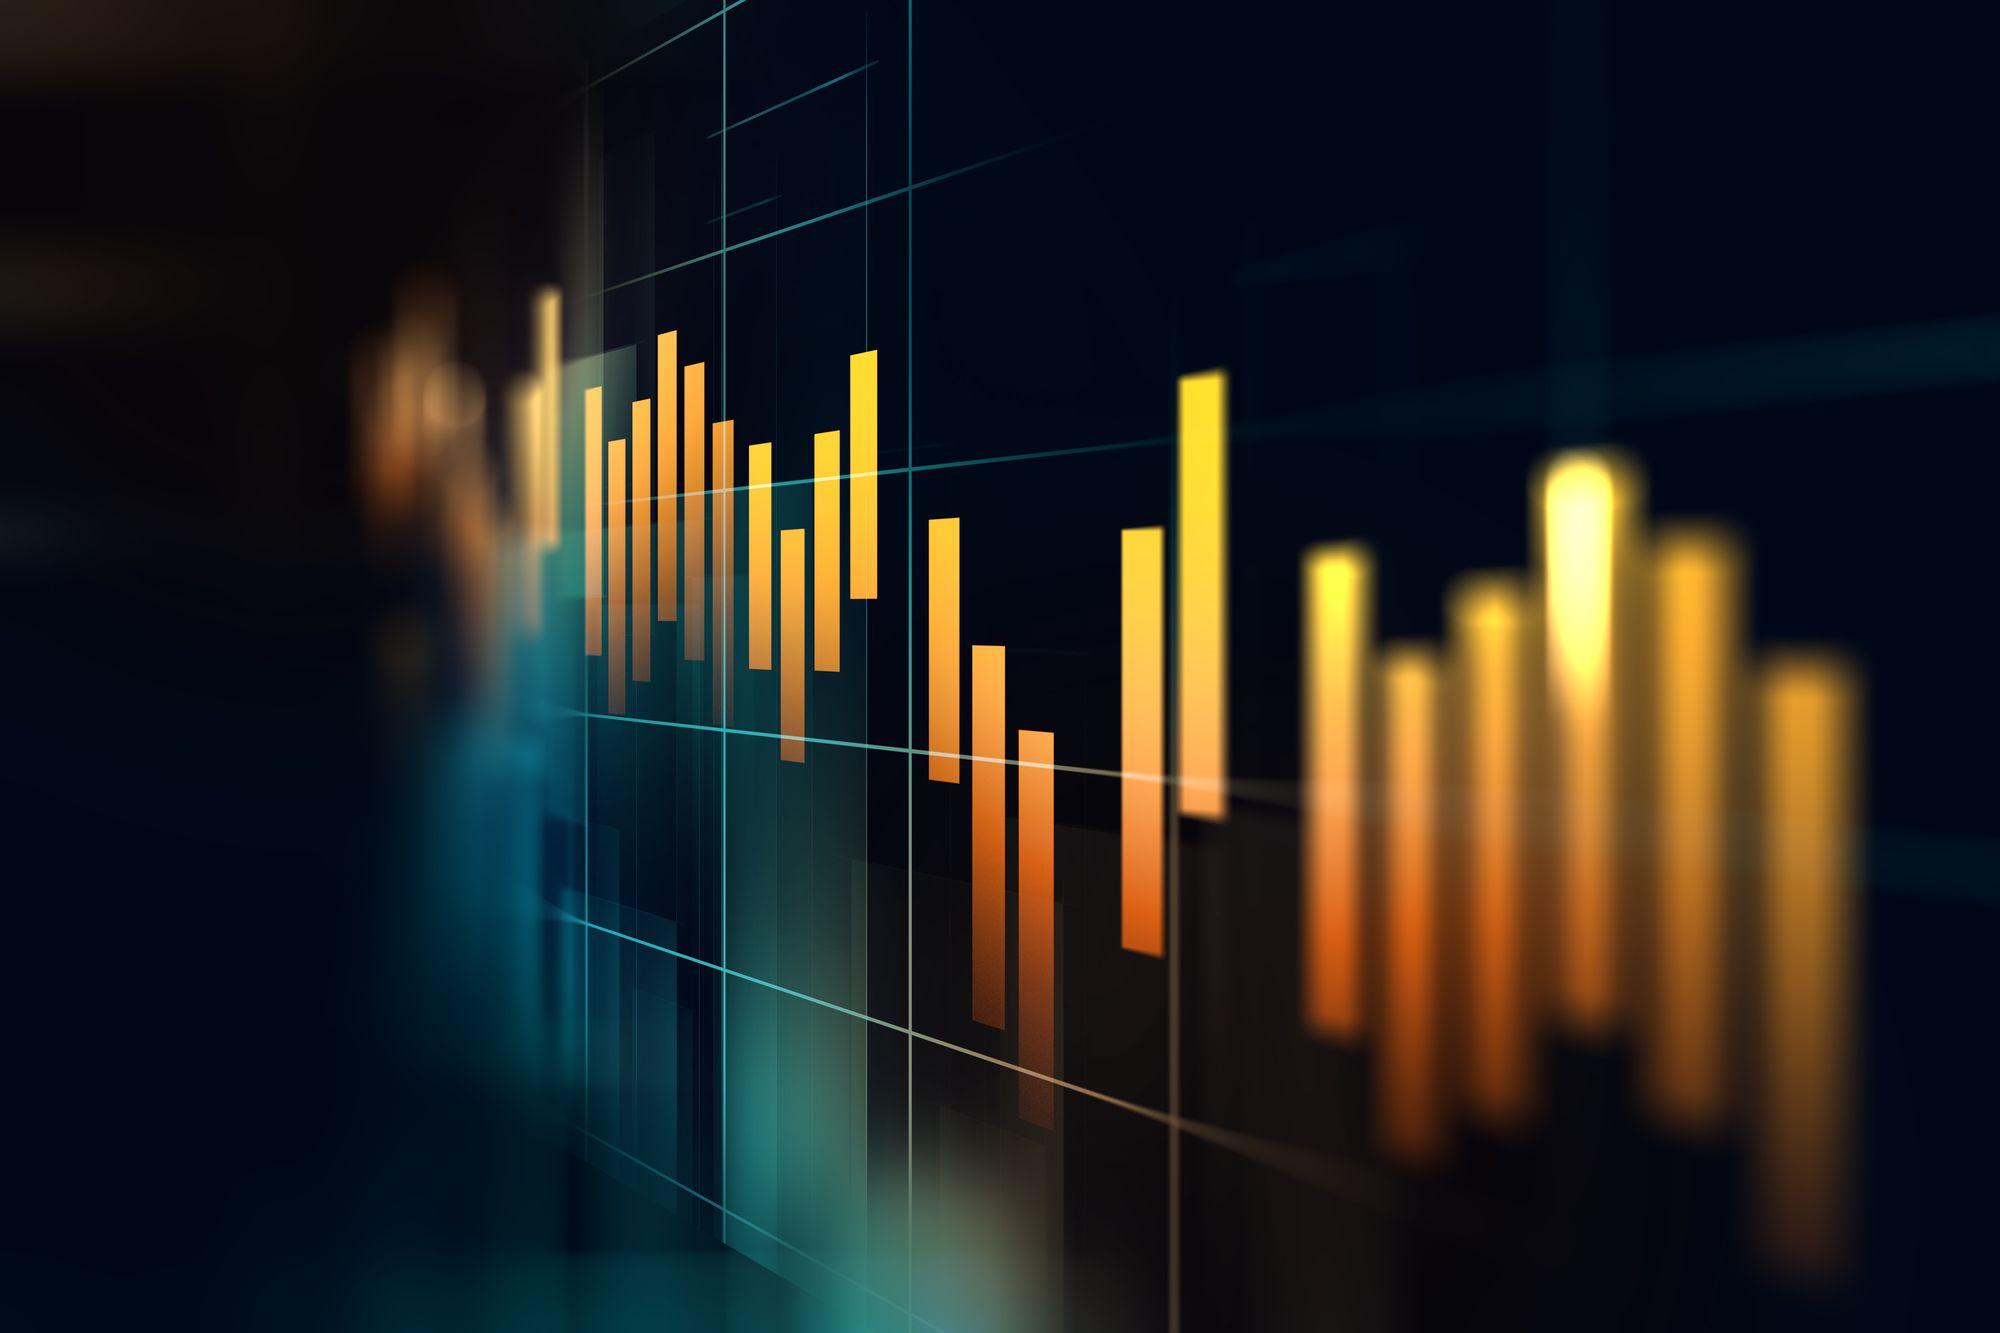 """盘和林:科创板""""市价申报+价格保护""""将帮助投资者控制风险"""